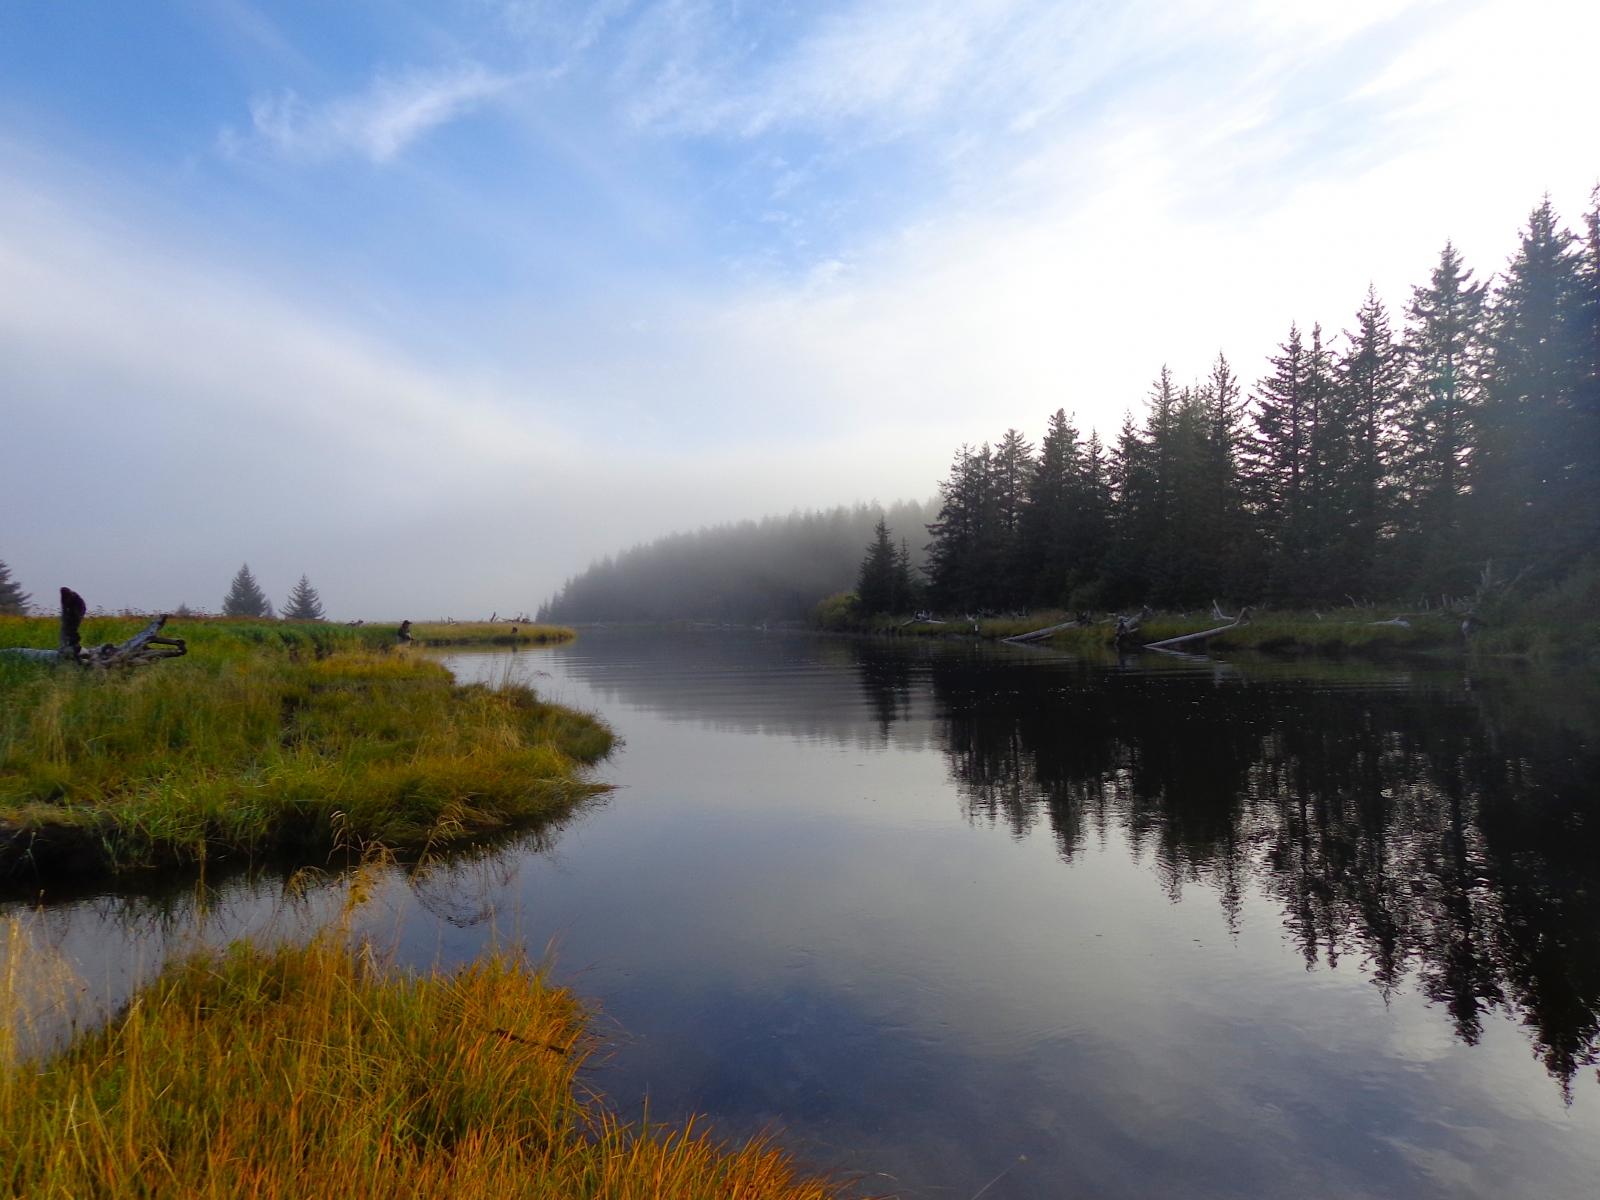 Lost River, AK